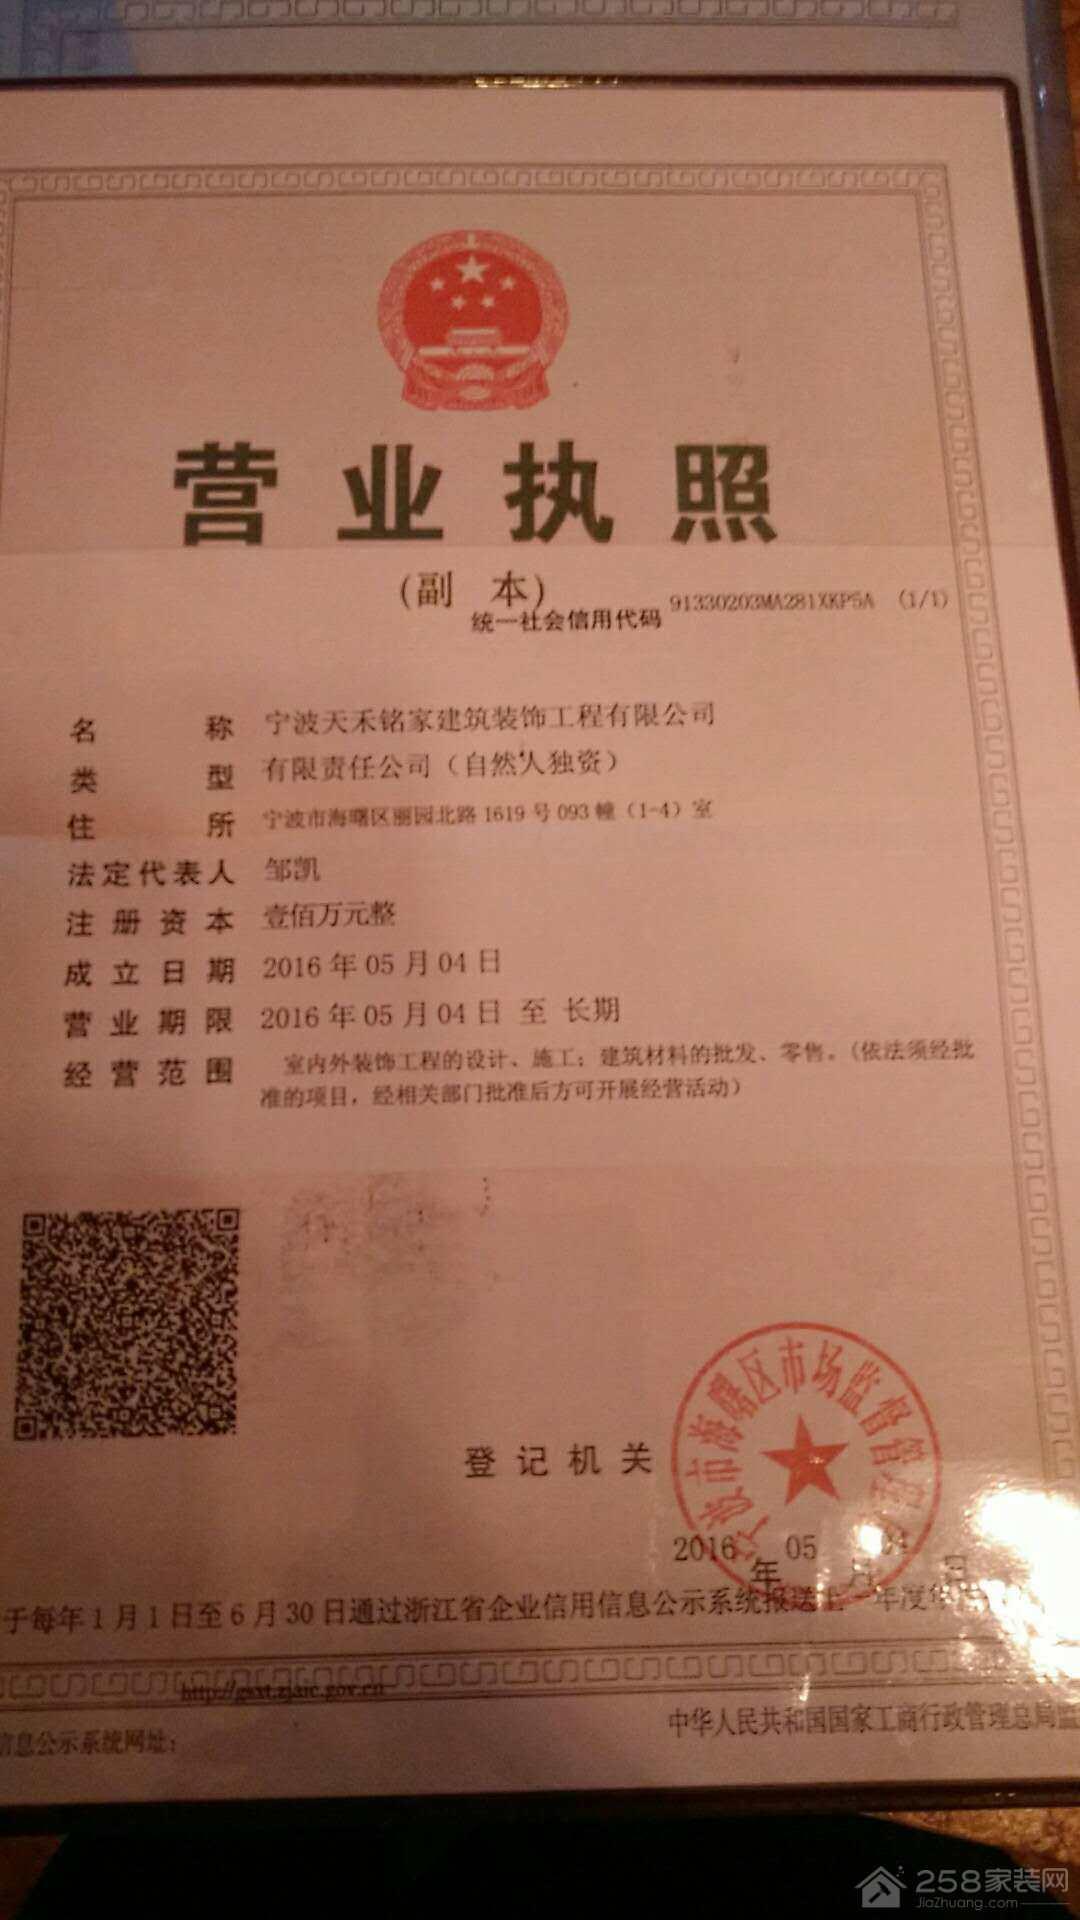 宁波天禾铭家建筑装饰工程有限公司